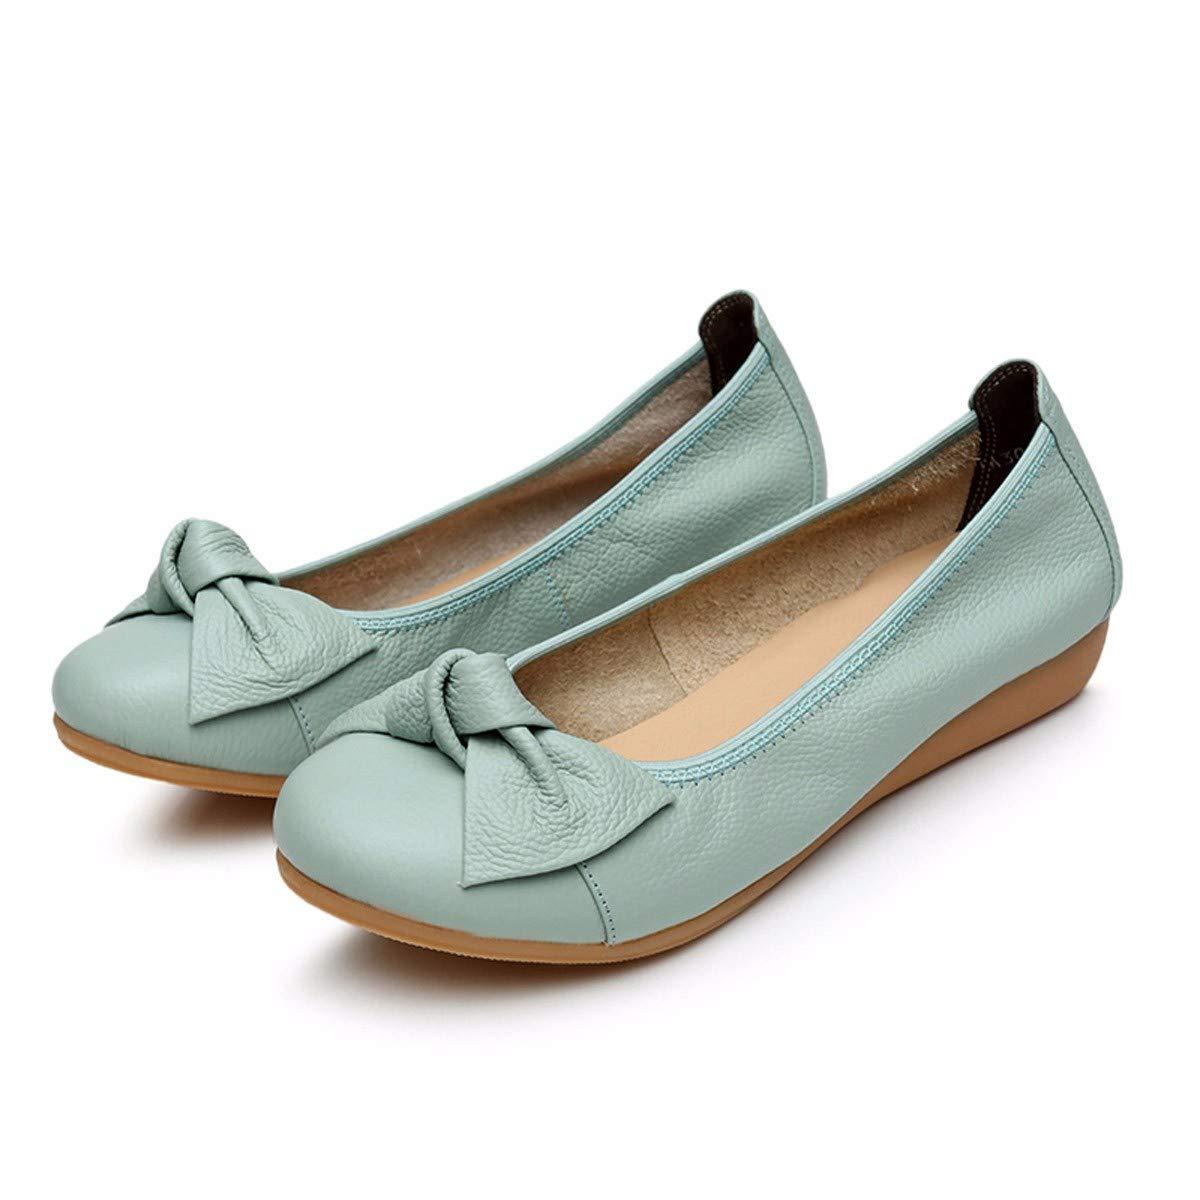 KPHY-Sommer - Dou - Schuhe Frauen Echtes Leder Mama Schuhe Weichen Boden Damen Lederschuhe Flache Sohle Schuhe Alle Arten von Betagten Frauen Schuhe Die Bequem.